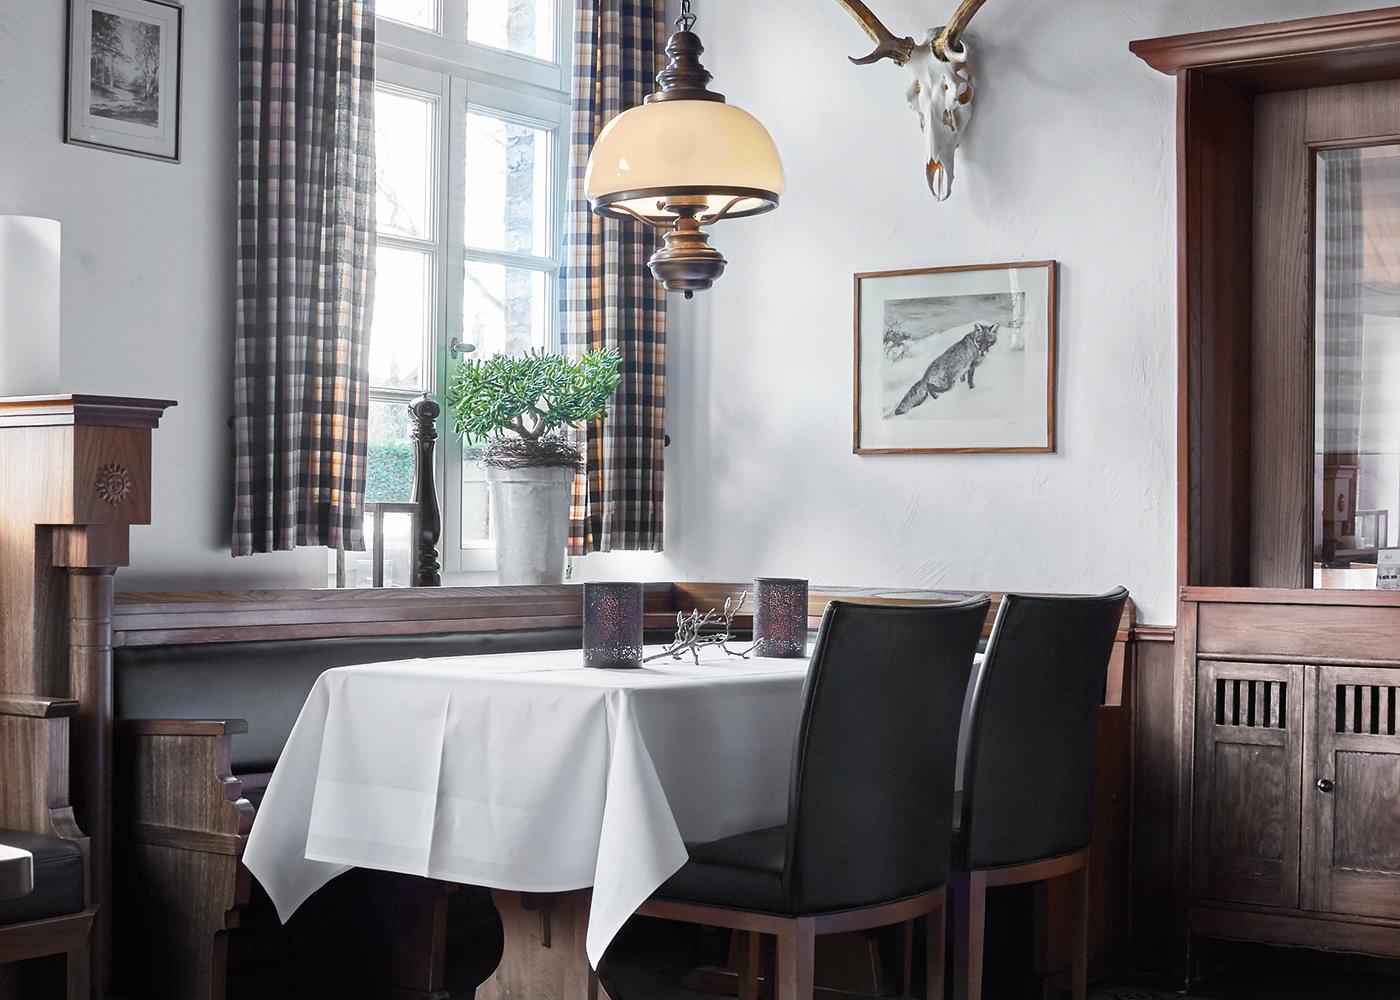 landhotel vosh vel schermbeck hotelbewertung. Black Bedroom Furniture Sets. Home Design Ideas